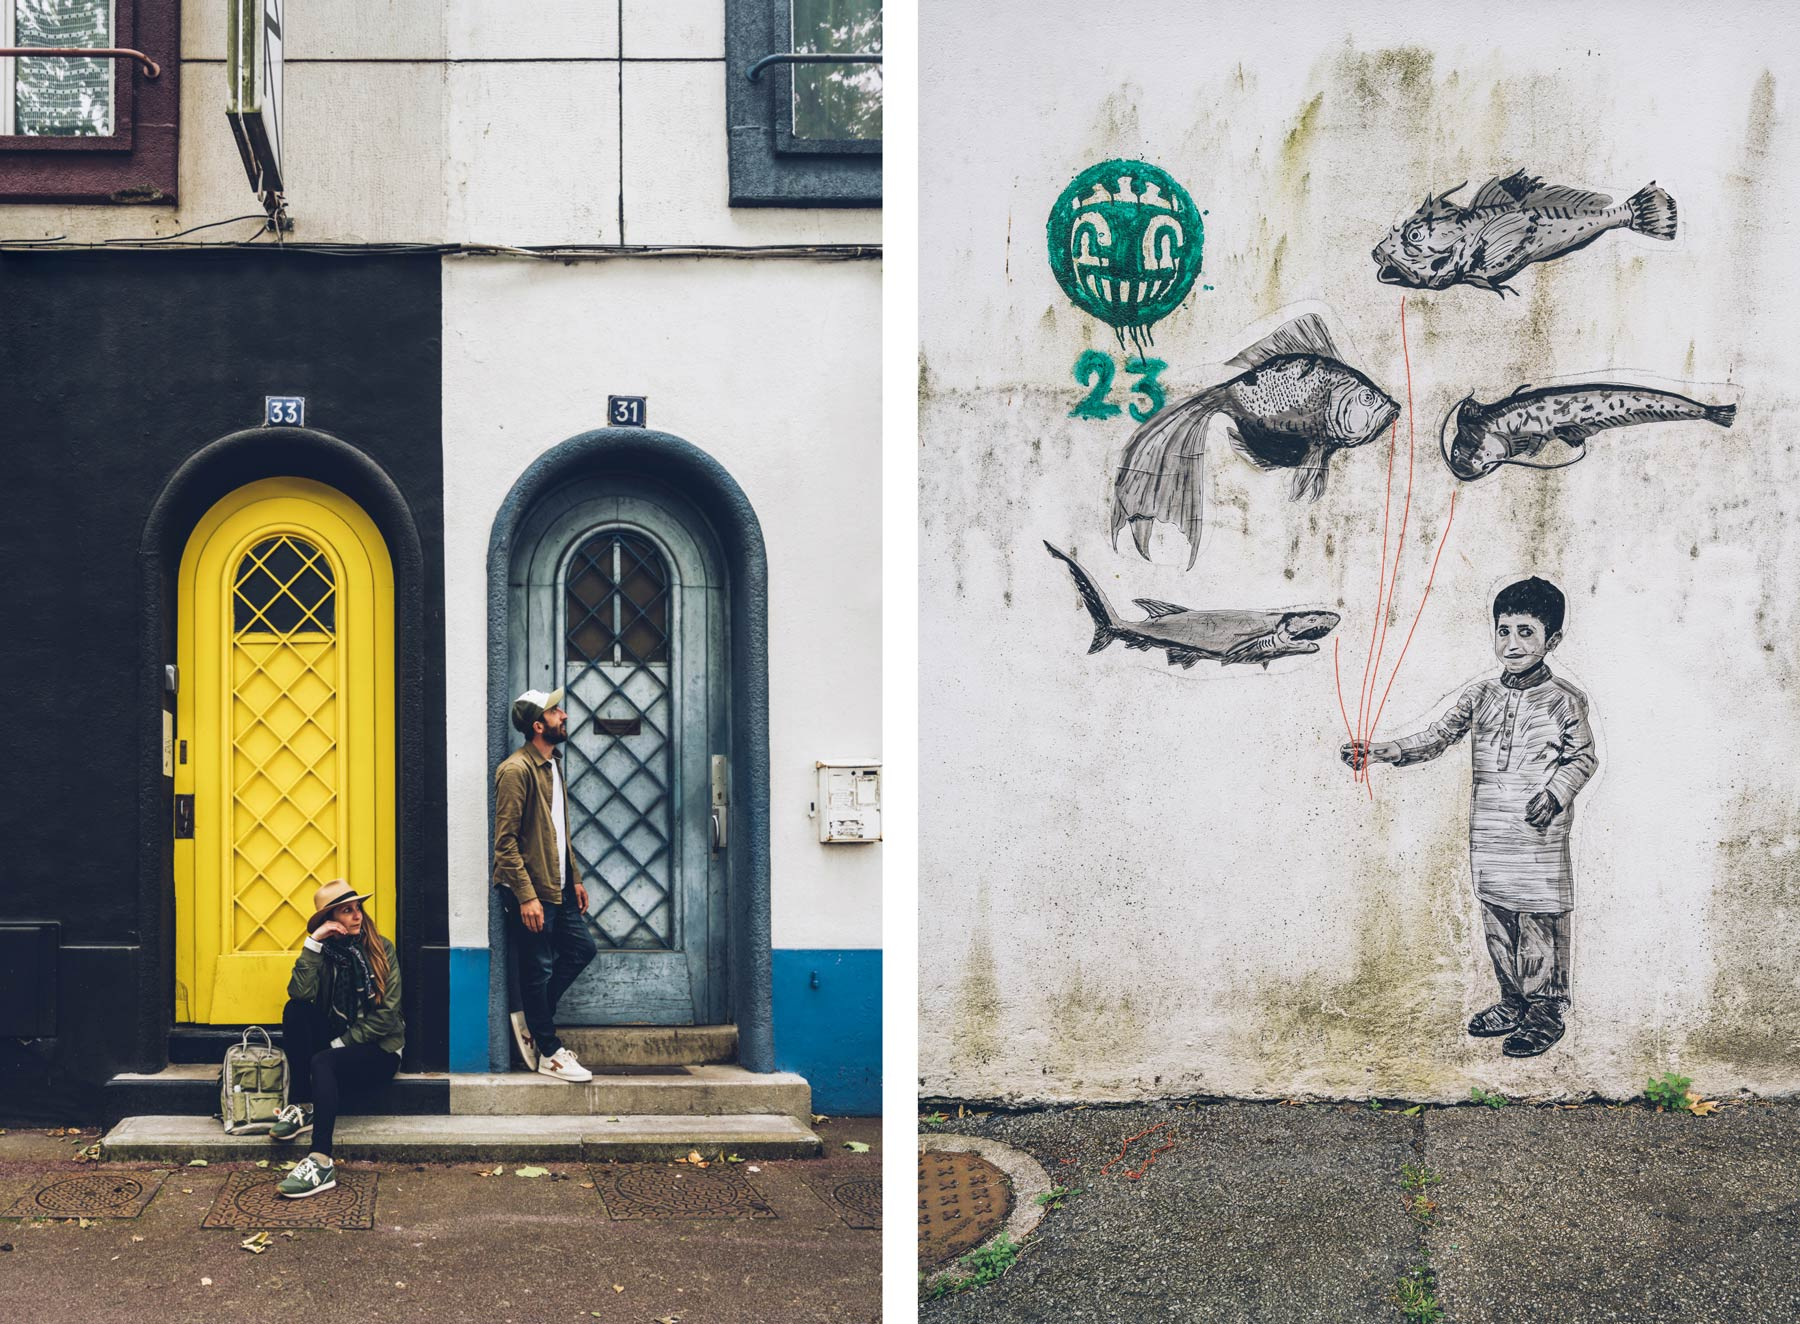 Portes Arrondies et Street Art, Lorient